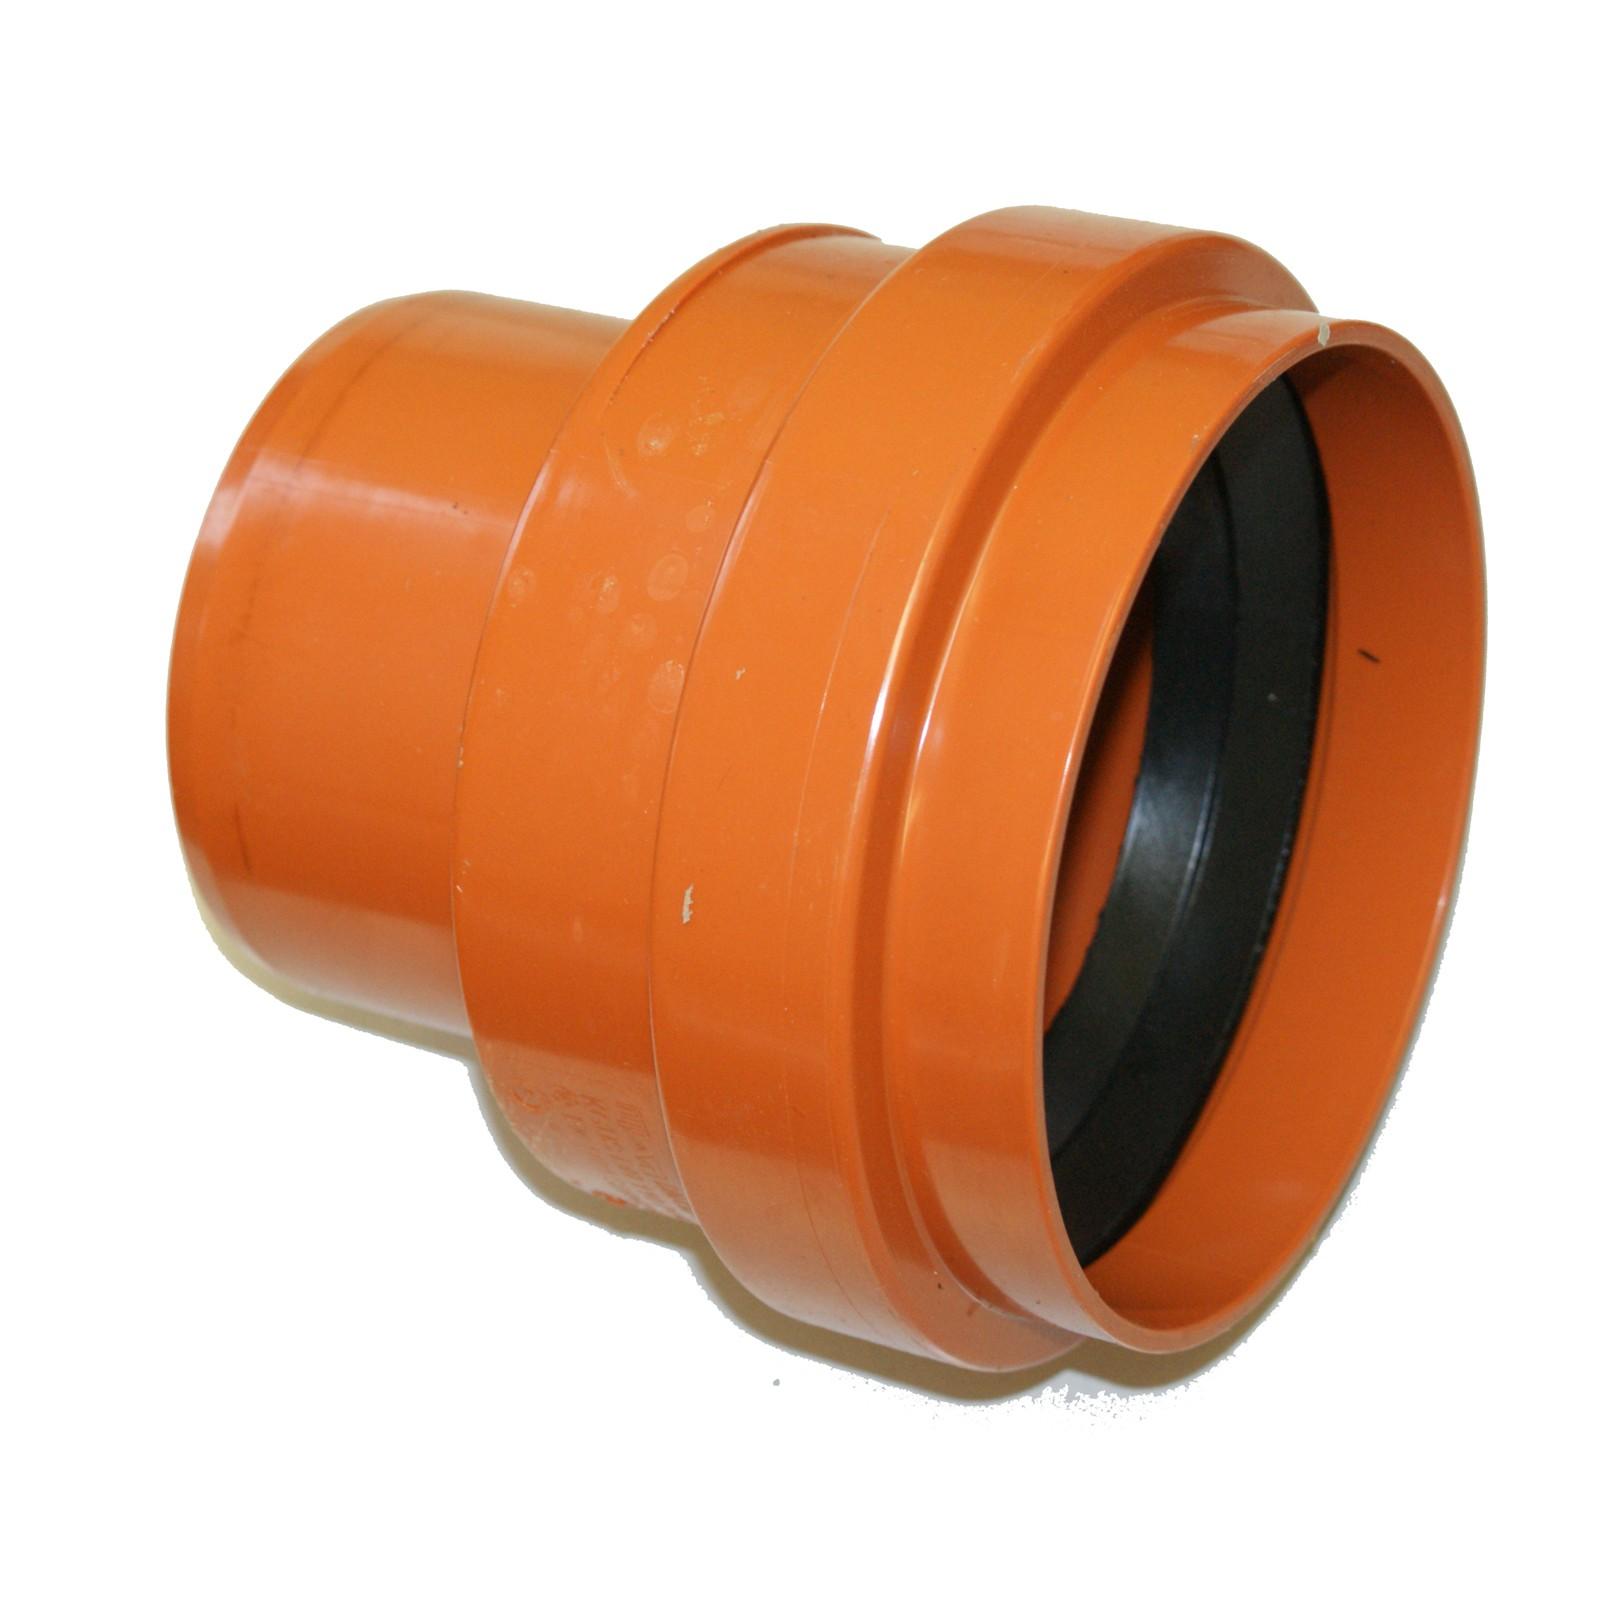 KGEM KG-Rohr mit Steckmuffe und Gummidichtring DN 315 L/änge 1000 mm